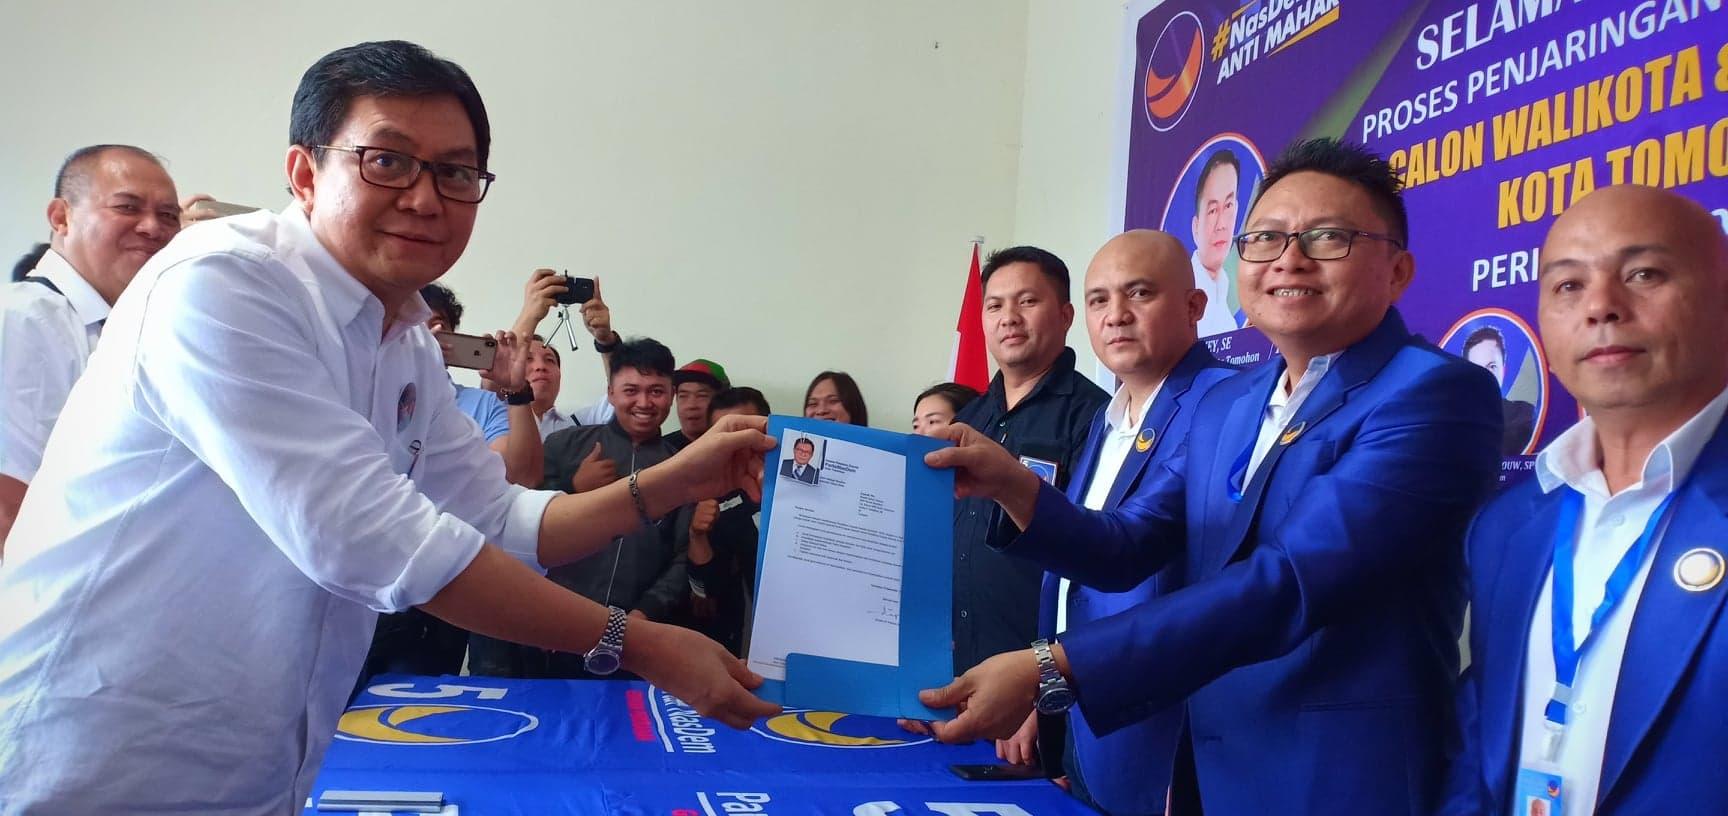 Edwin OJ Poluan SE MBA menyerahkan berkas pendaftaran kepada Ketua Tim Penjaringan Fecky Oroh ST